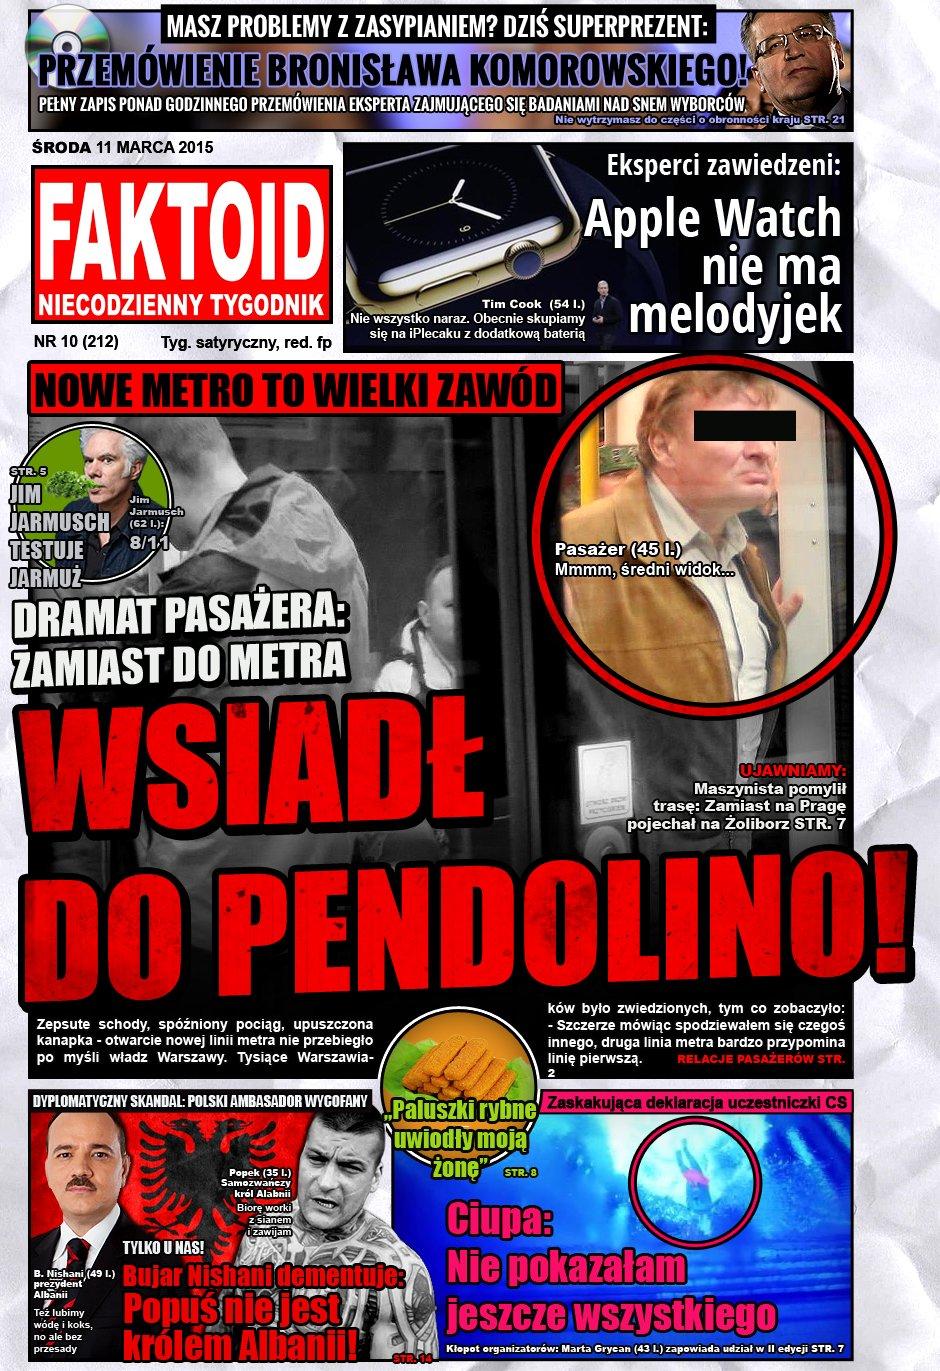 Faktoid, 11 marca 2015, nr 10 (212)  - Faktoid